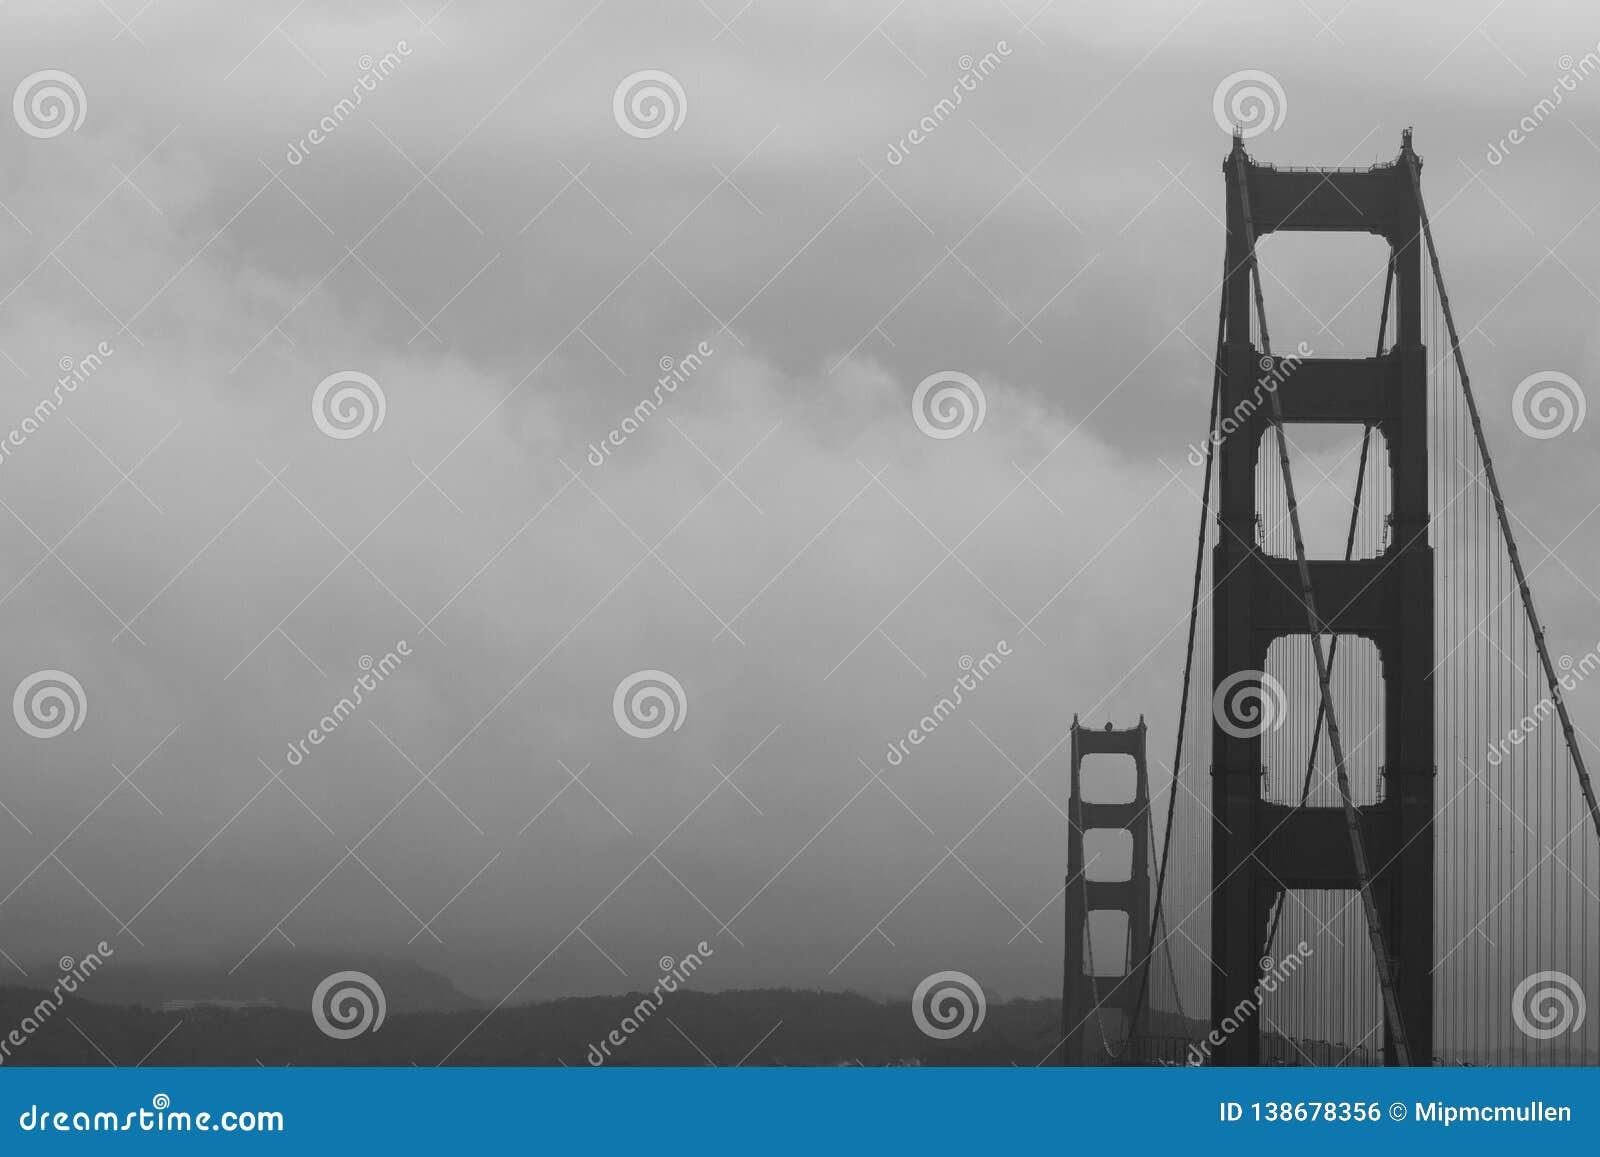 Dramatisch zwart-wit beeld van Golden gate bridge